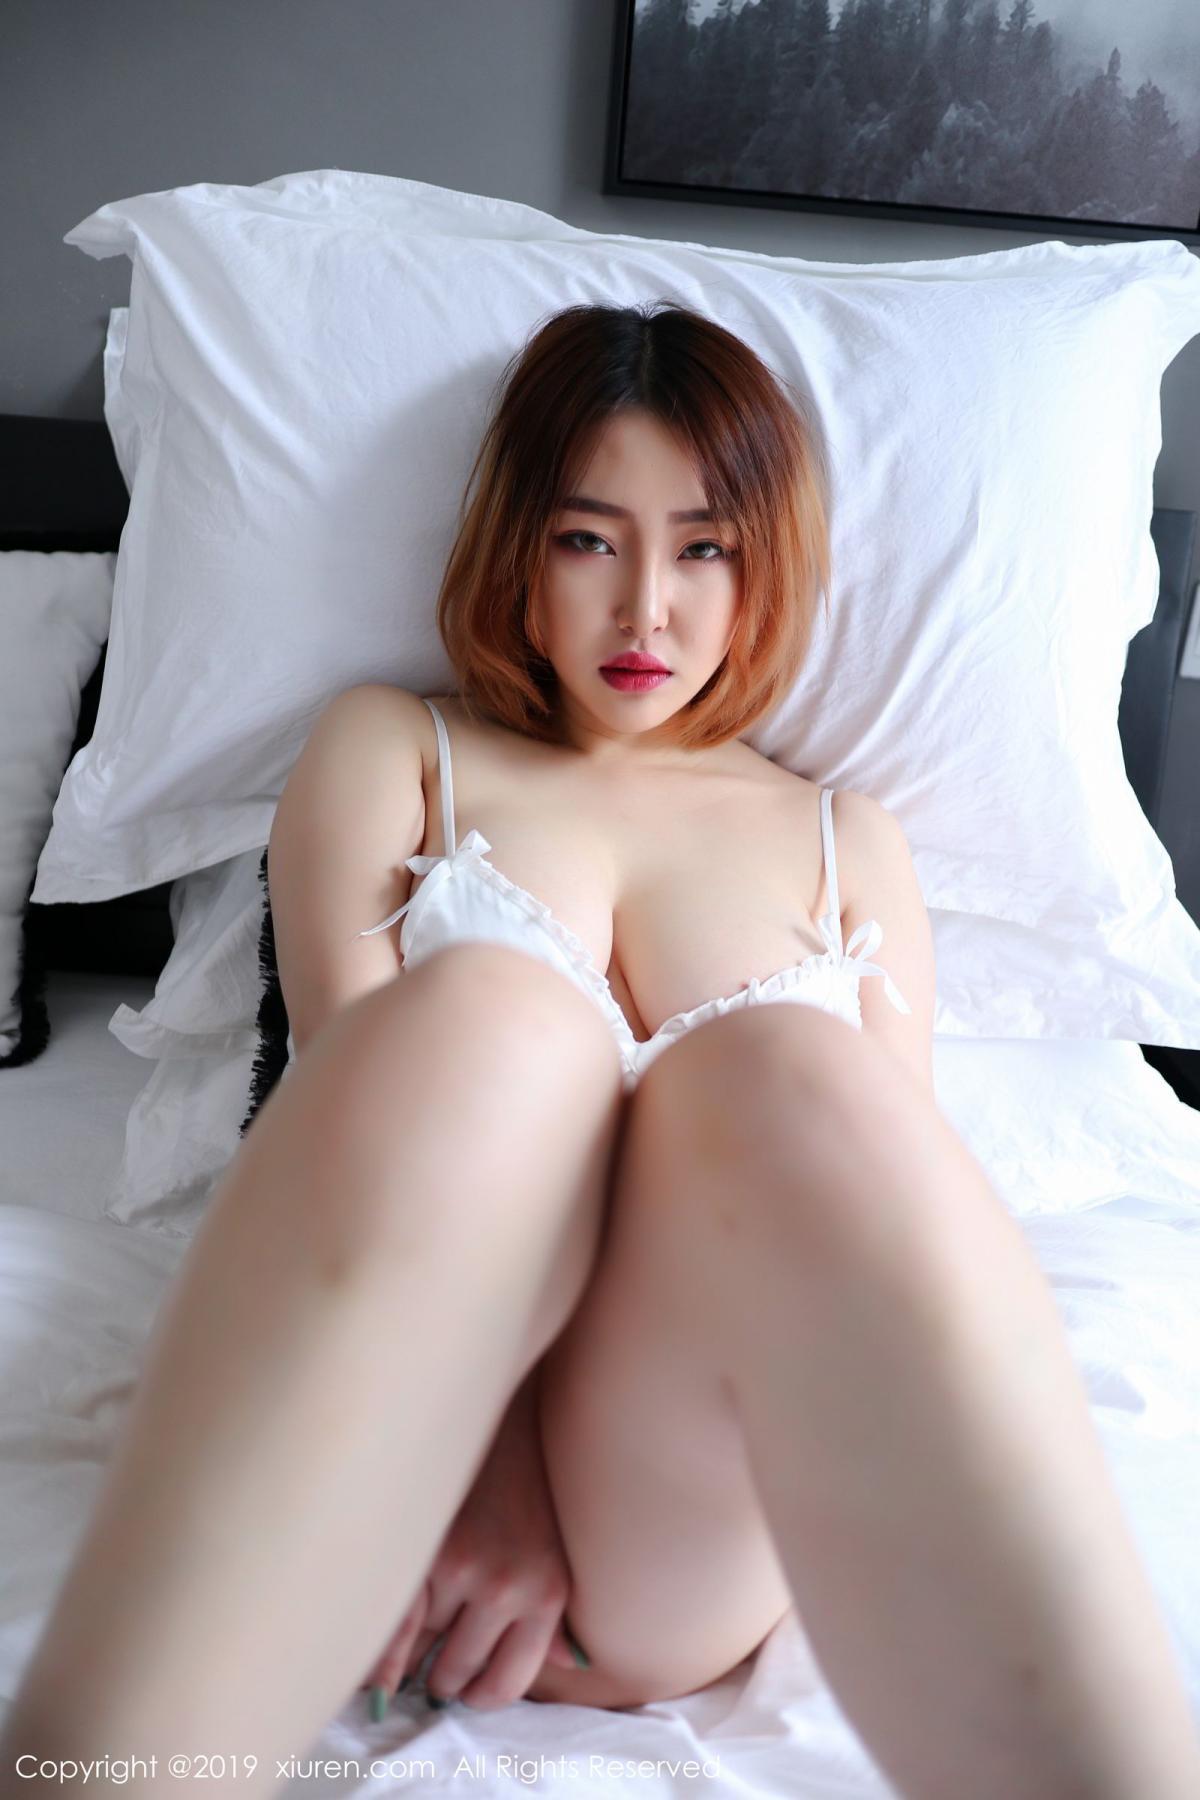 [XiuRen] Vol.1711 Yao A Yao De Yao 27P, Fair Skin, Underwear, Xiuren, Yao A Yao De Yao